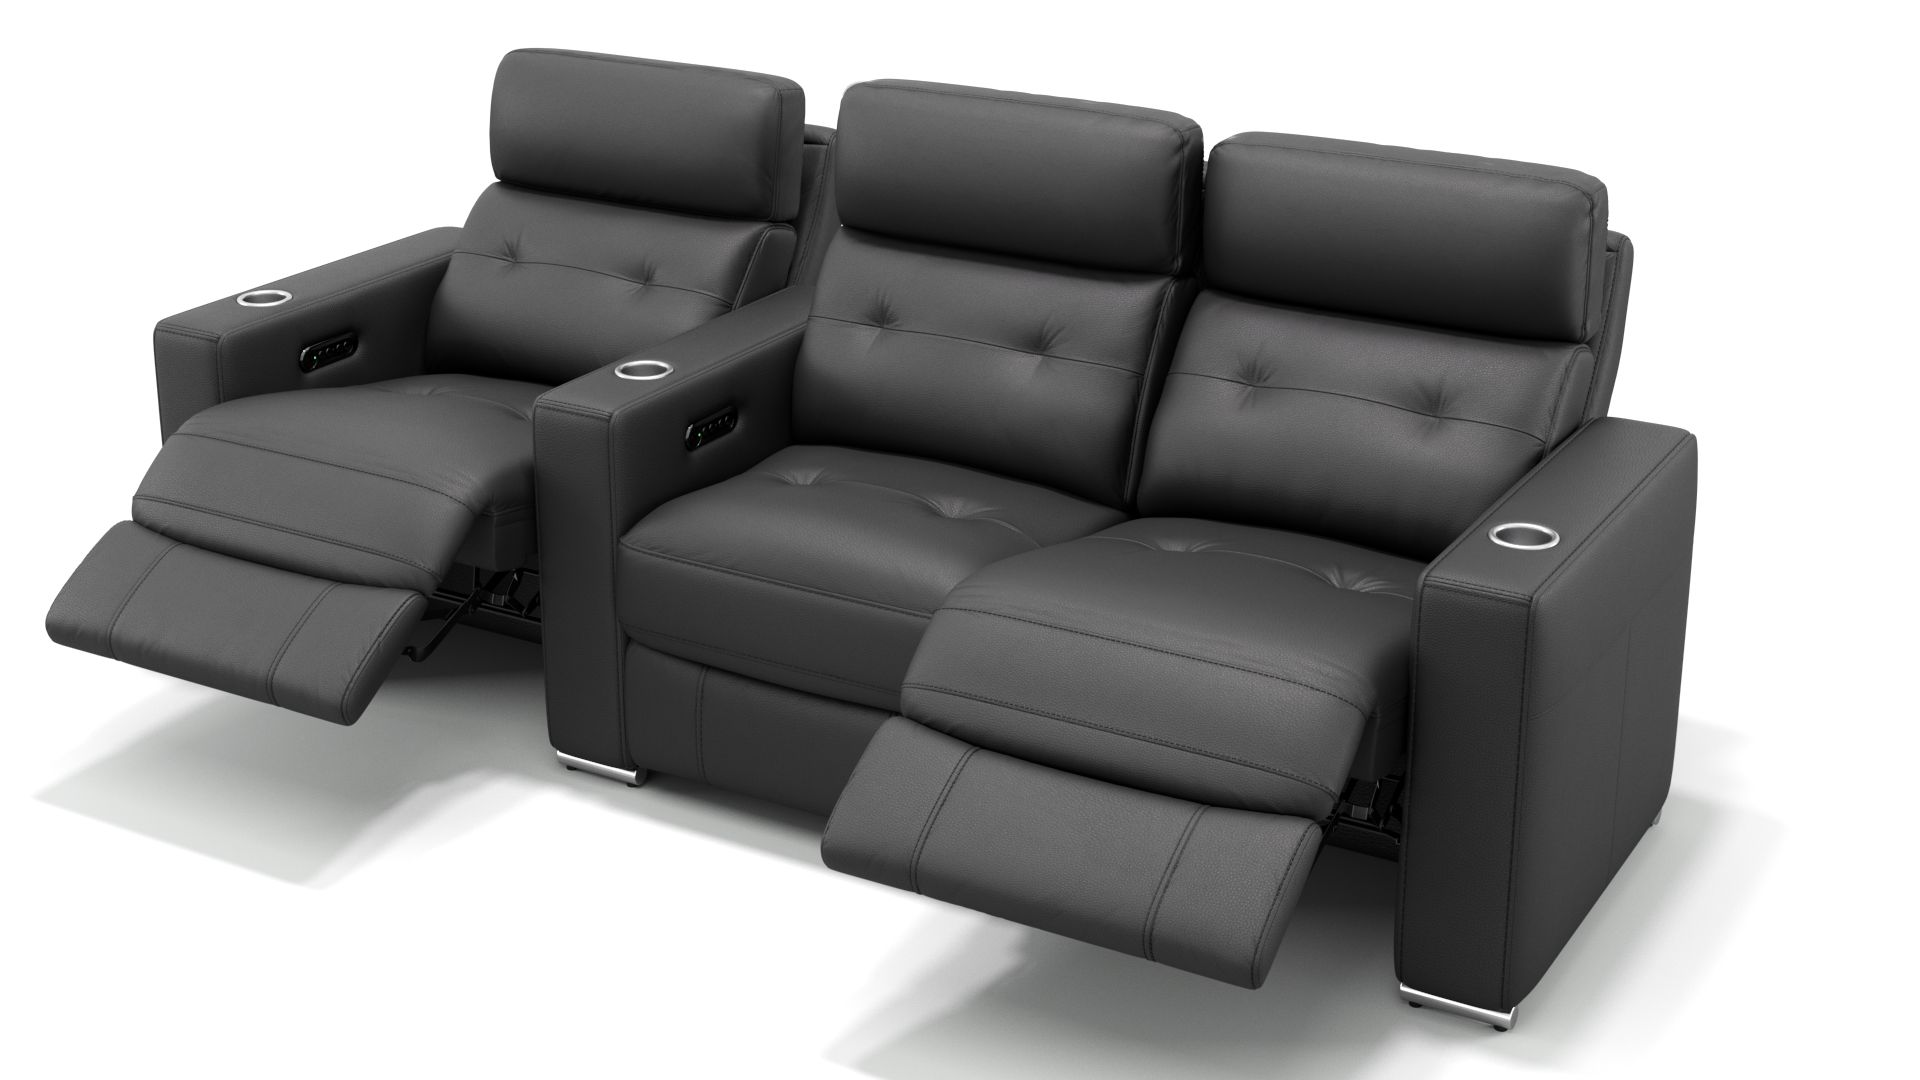 Leder 3-Sitzer Kinosofa mit einer Mittelkonsole MATERA